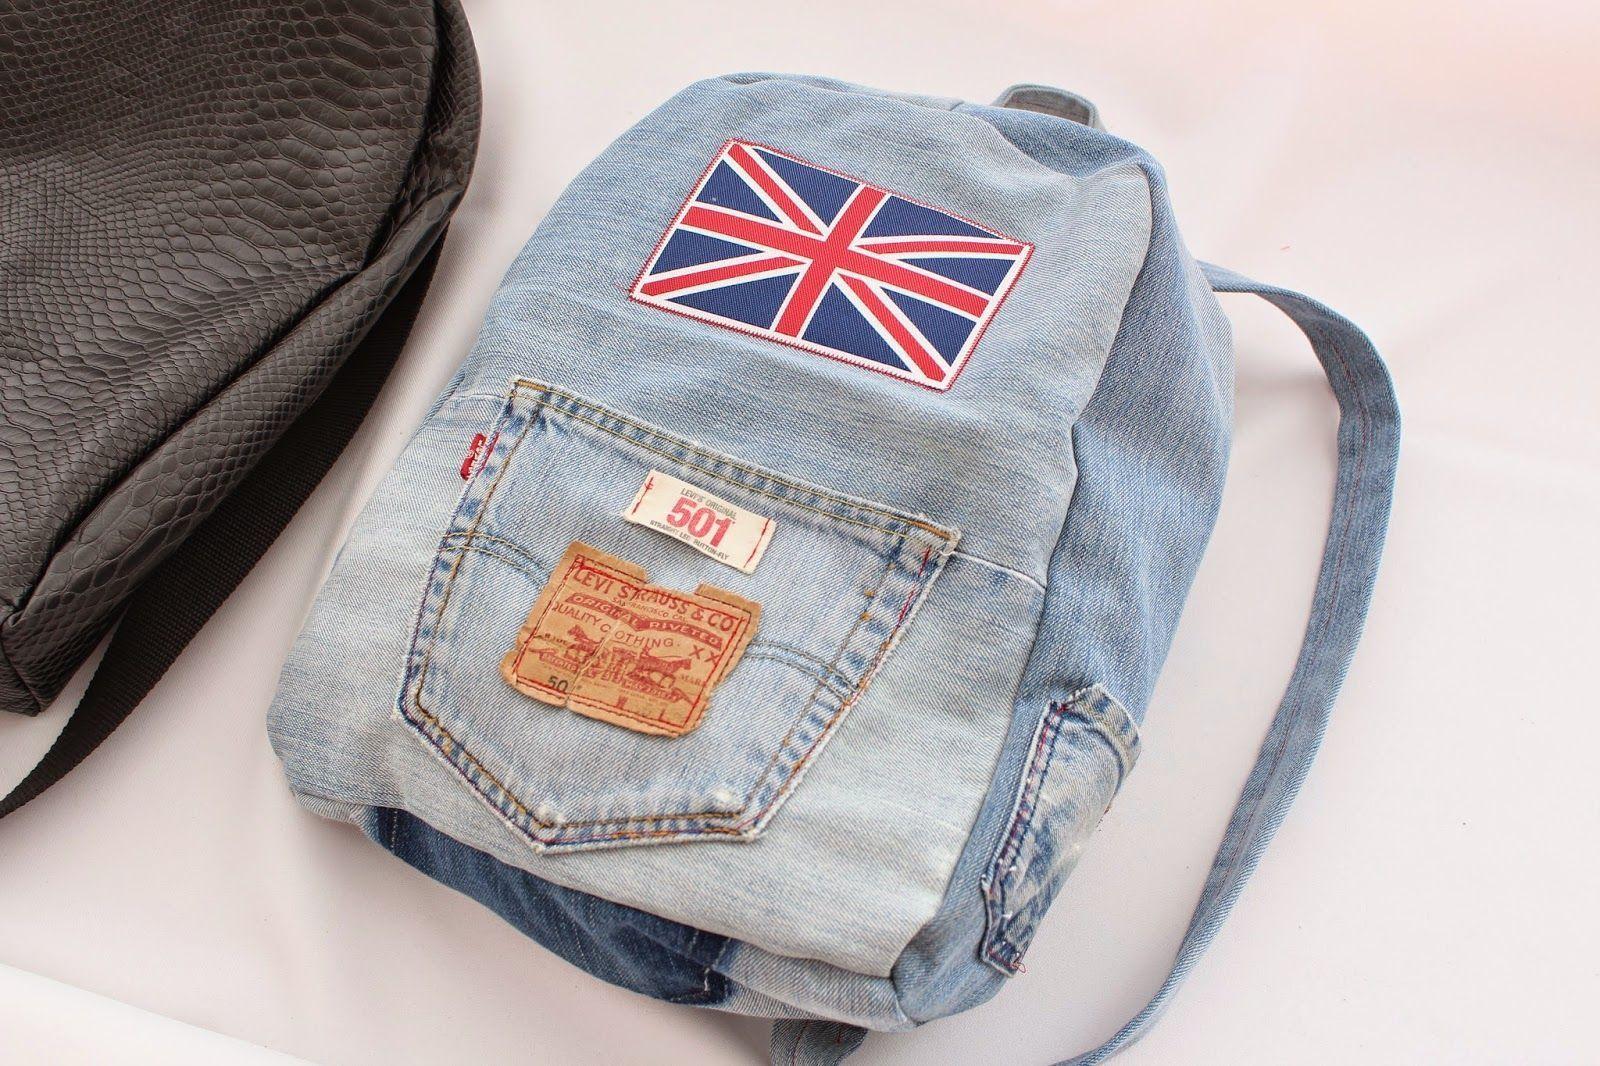 ddb022fea Como hacer una Mochila de Jeans - Patrones gratis